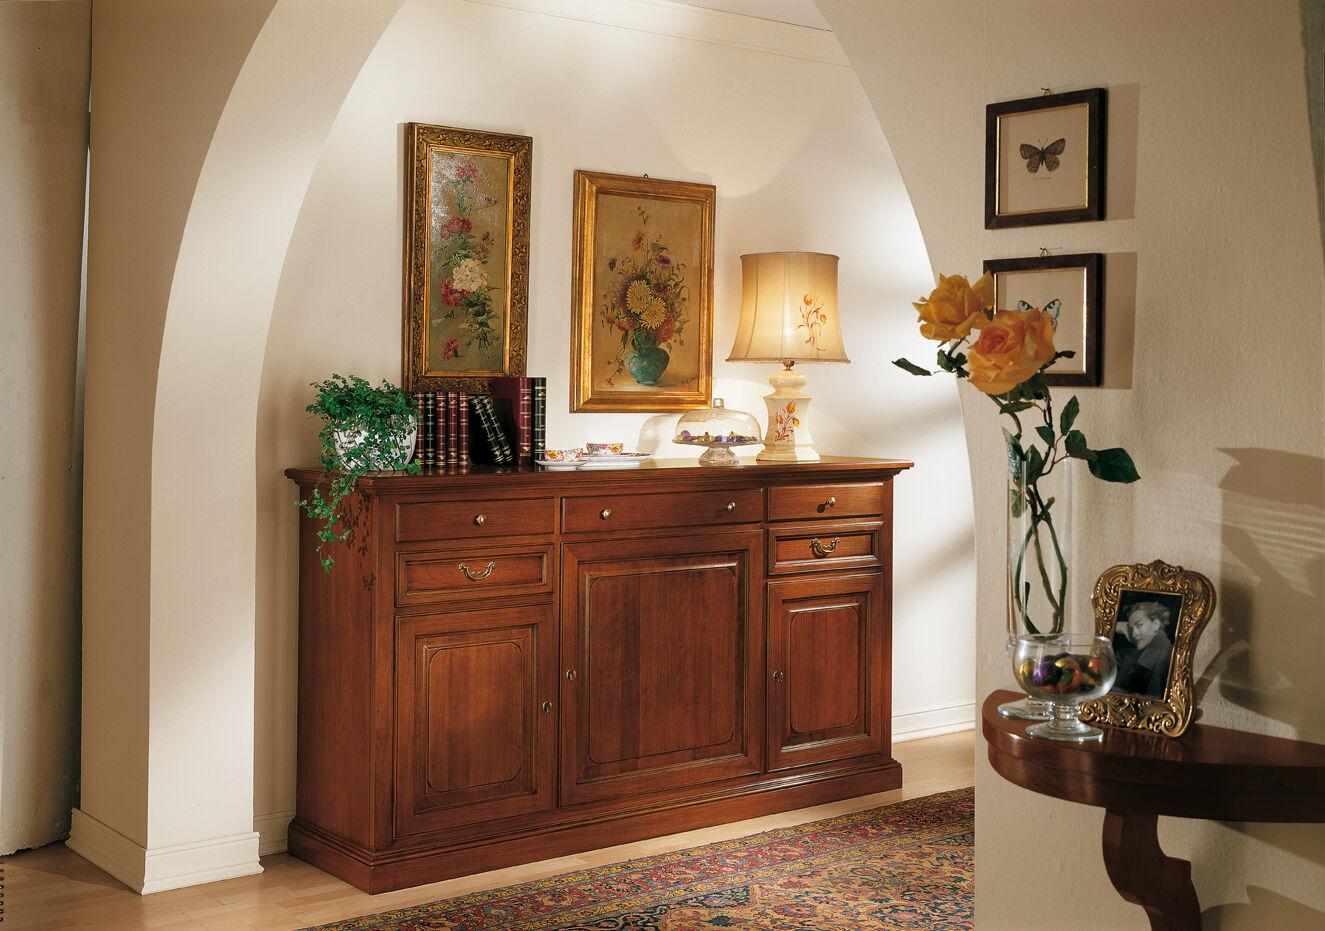 Credenza arte povera madia soggiorno cucina in vari colori for Credenze mercatone uno